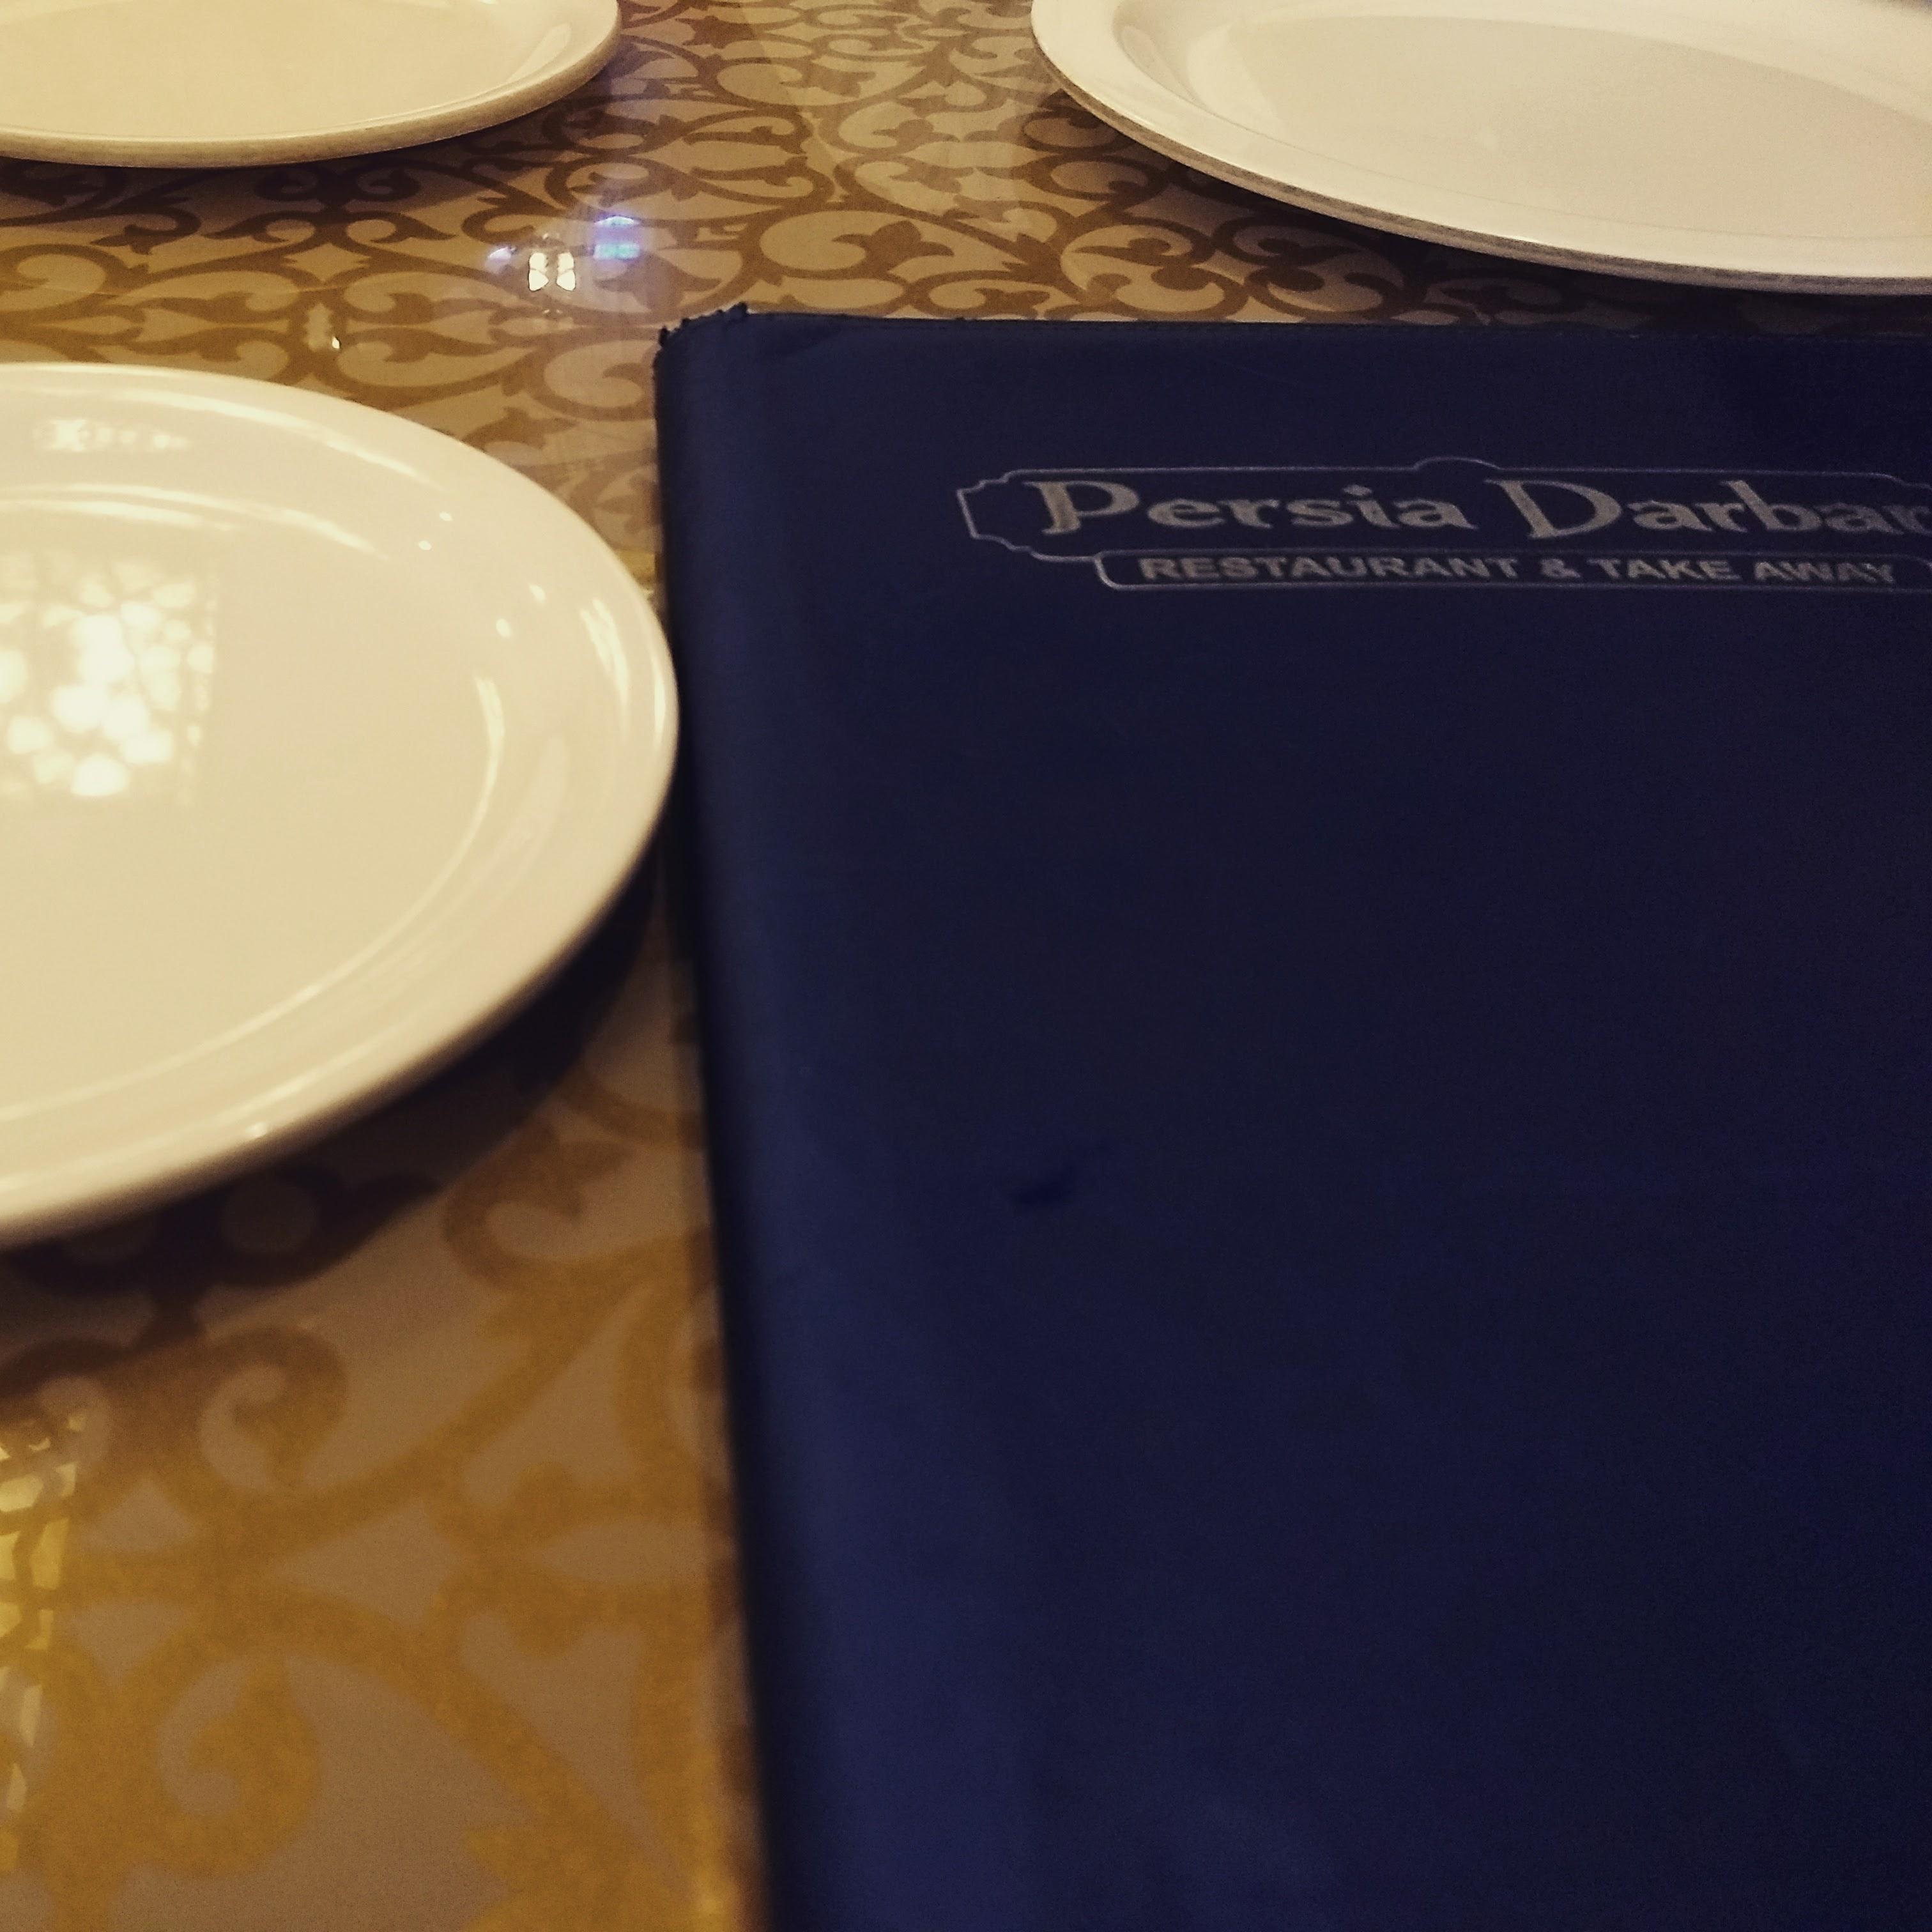 Persia Darbar, Mumbai